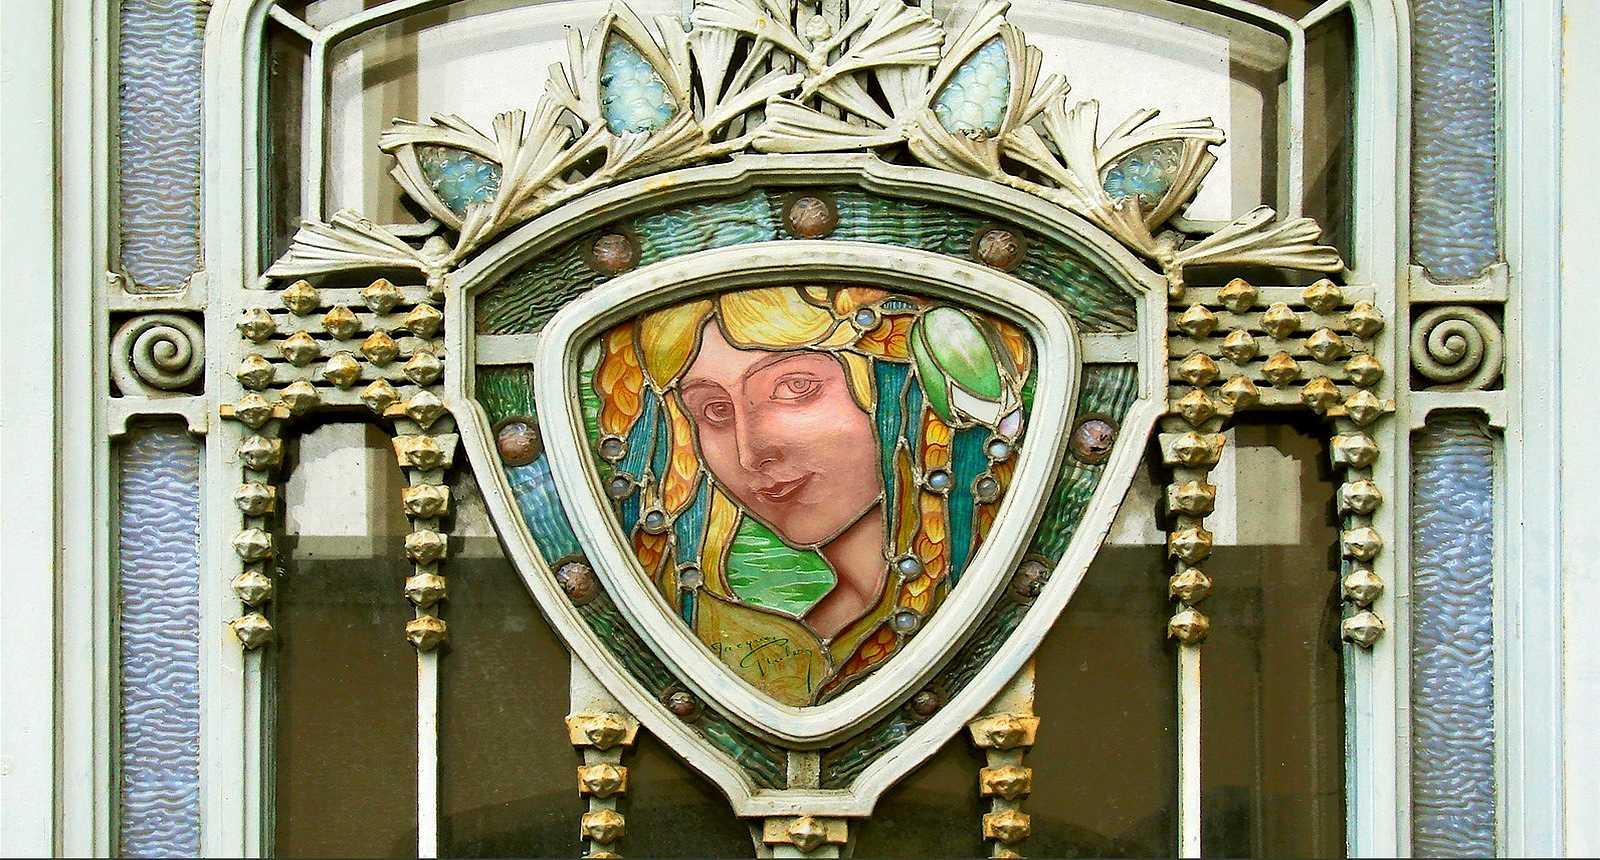 Vitrail de la porte du Musée de l'Ecole de Nancy